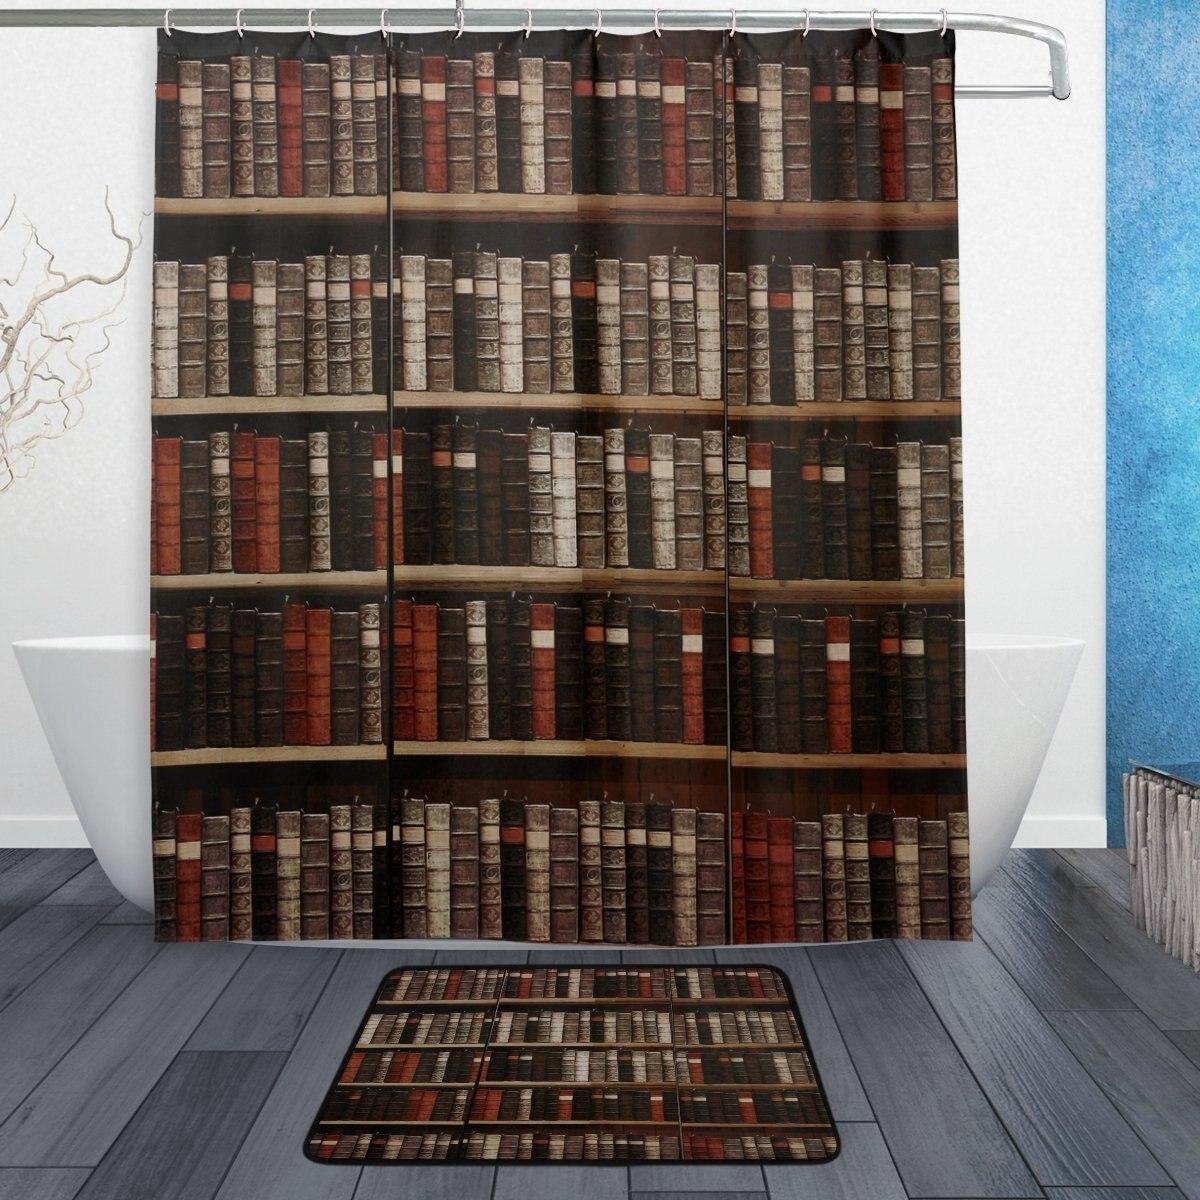 Gewijd Vintage Boek Boekenplank Bibliotheek Waterdicht Polyester Douchegordijn Met Haken Deurmat Bad Vloermat Badkamer Home Decor Glanzend Oppervlak